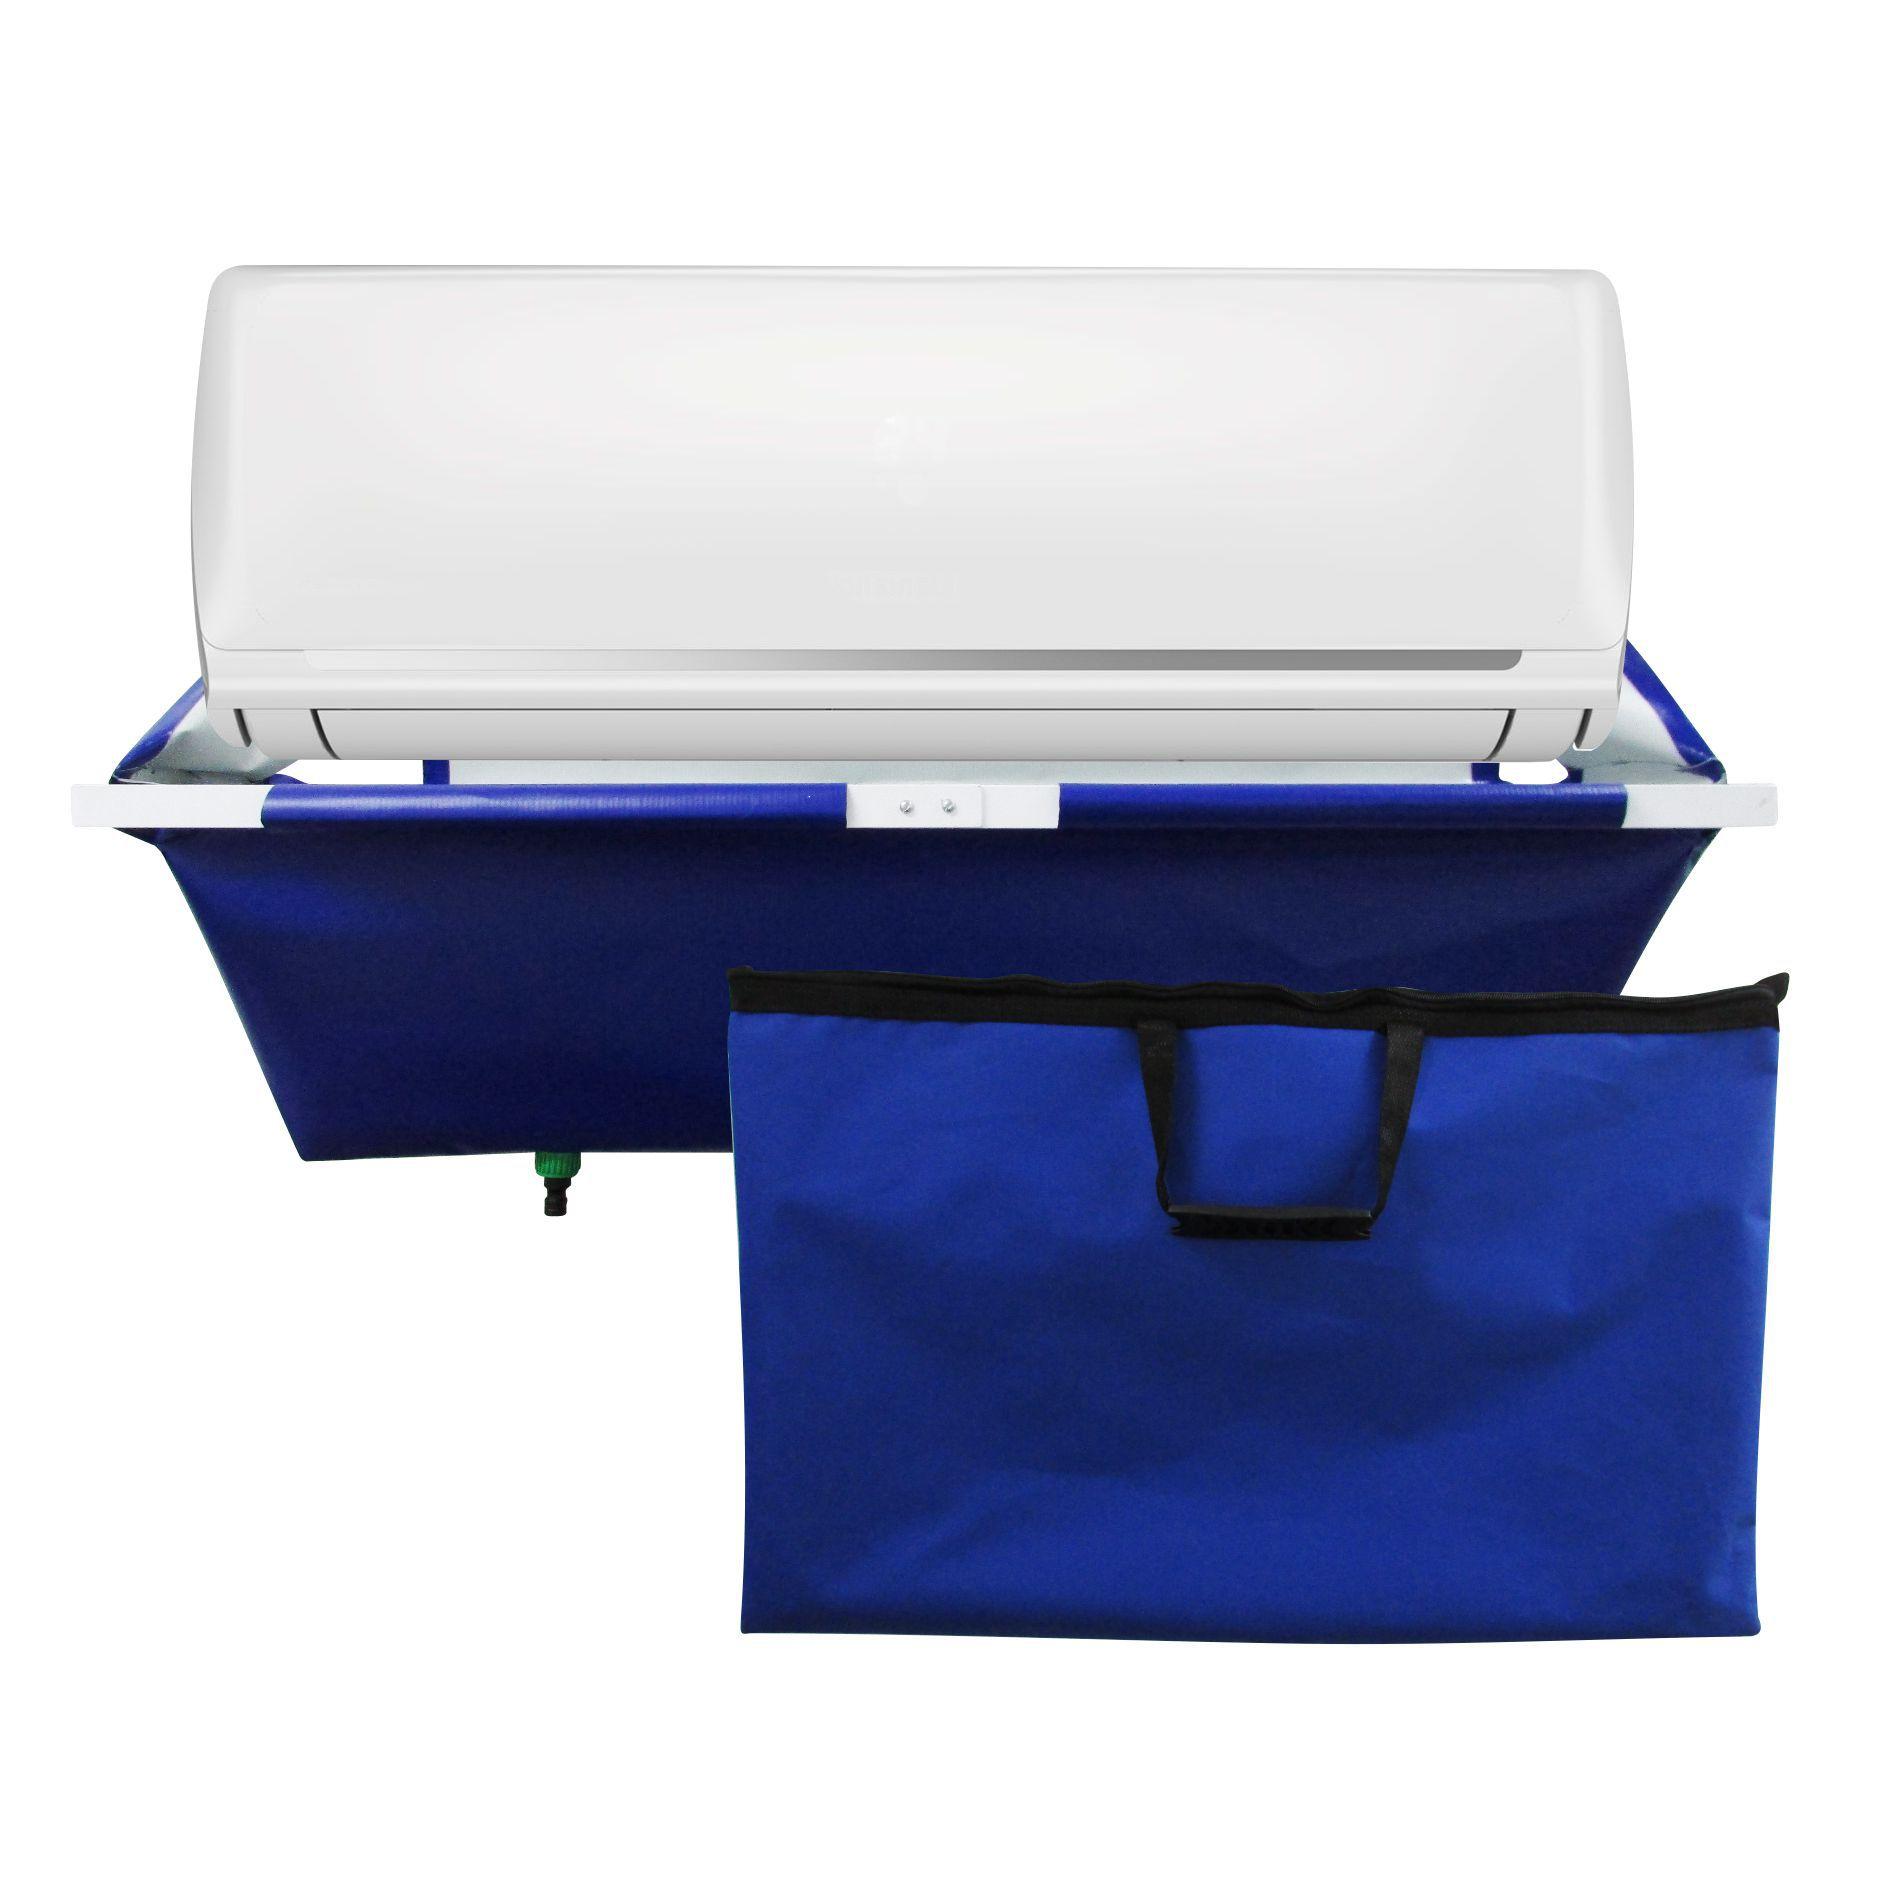 Coletor de Residuos de Limpeza para Ar Condicionado Split 7000 Btus à 24000 Btus com Dreno